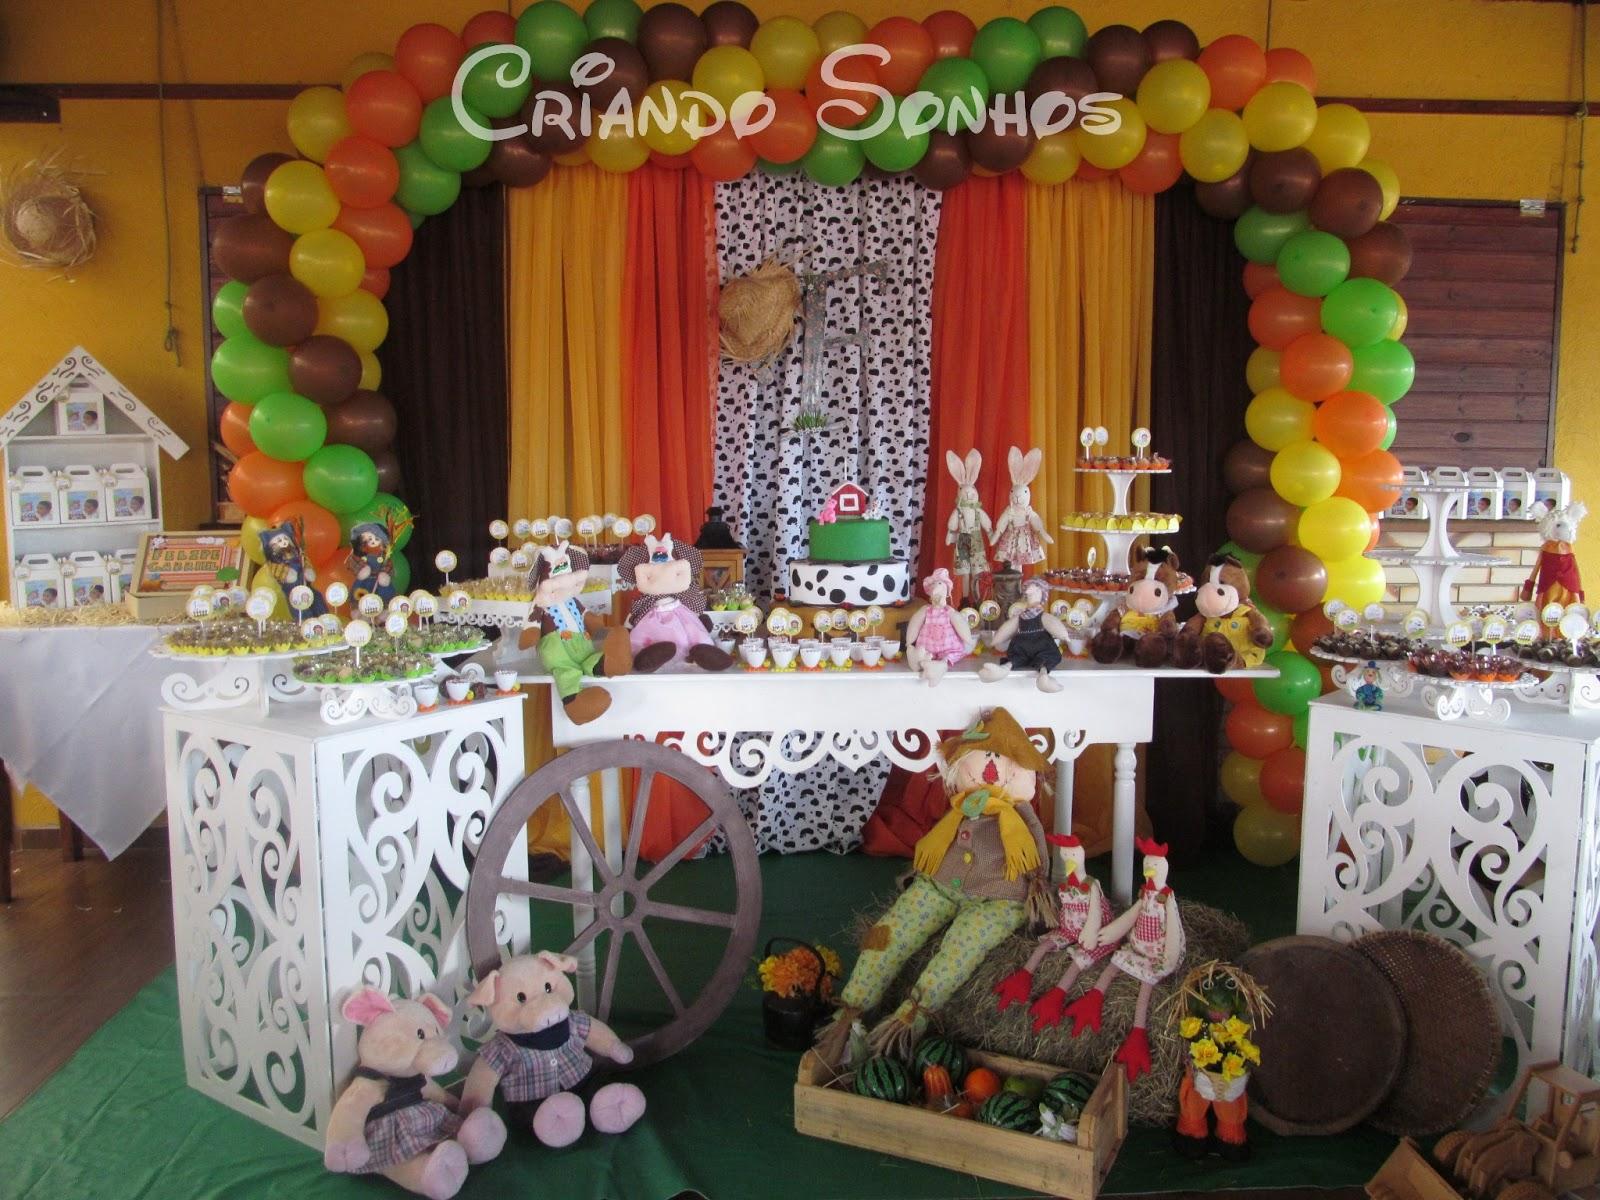 decoracao para festa infantil com tema de fazendinha : Tema Fazendinha Proven?al